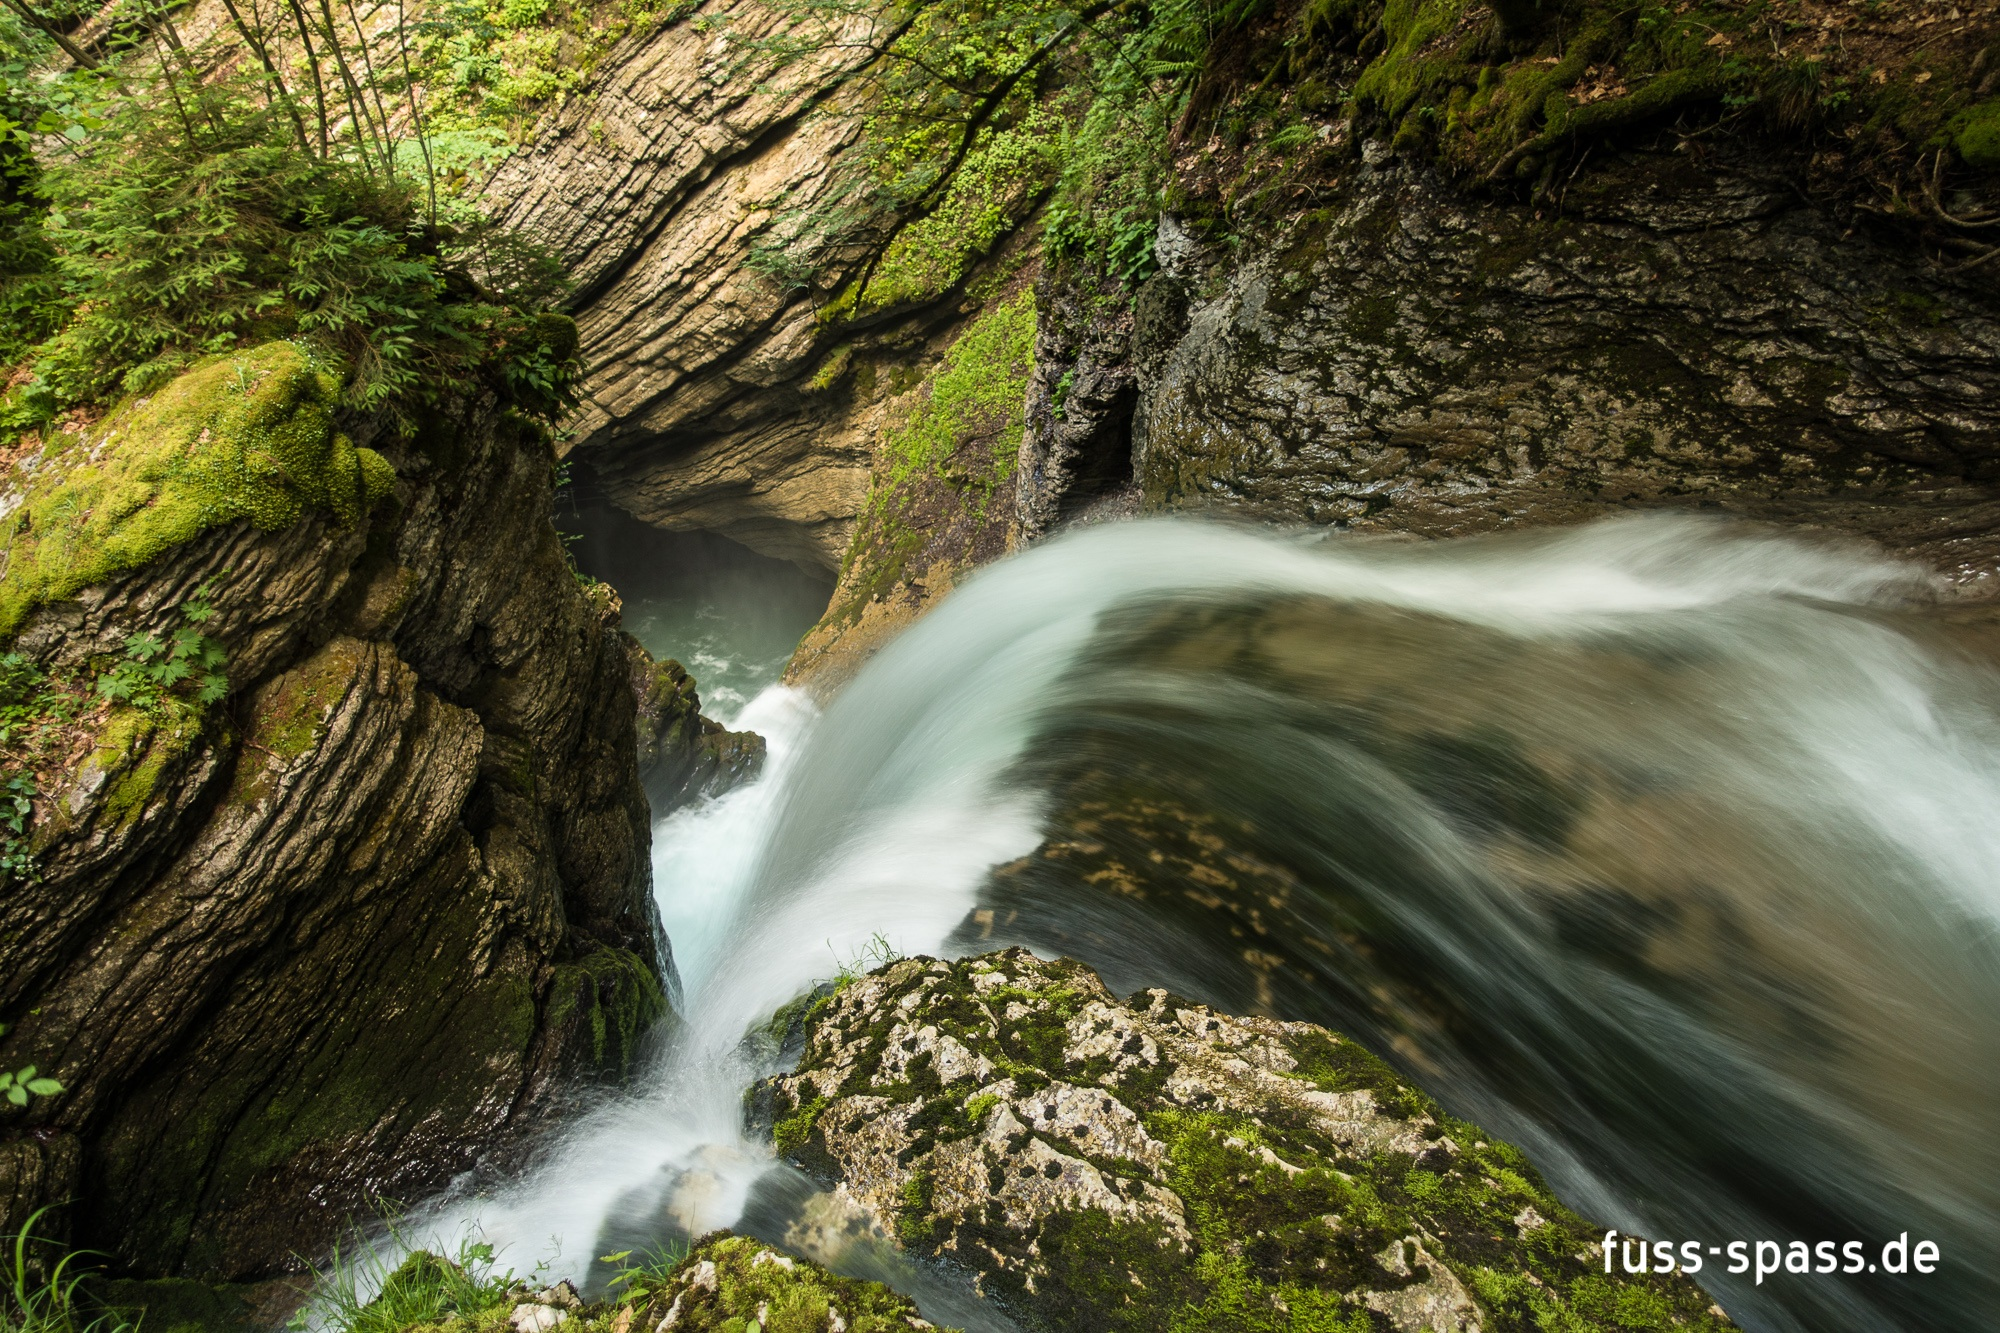 Bild der Woche: Die Kraft des Wassers